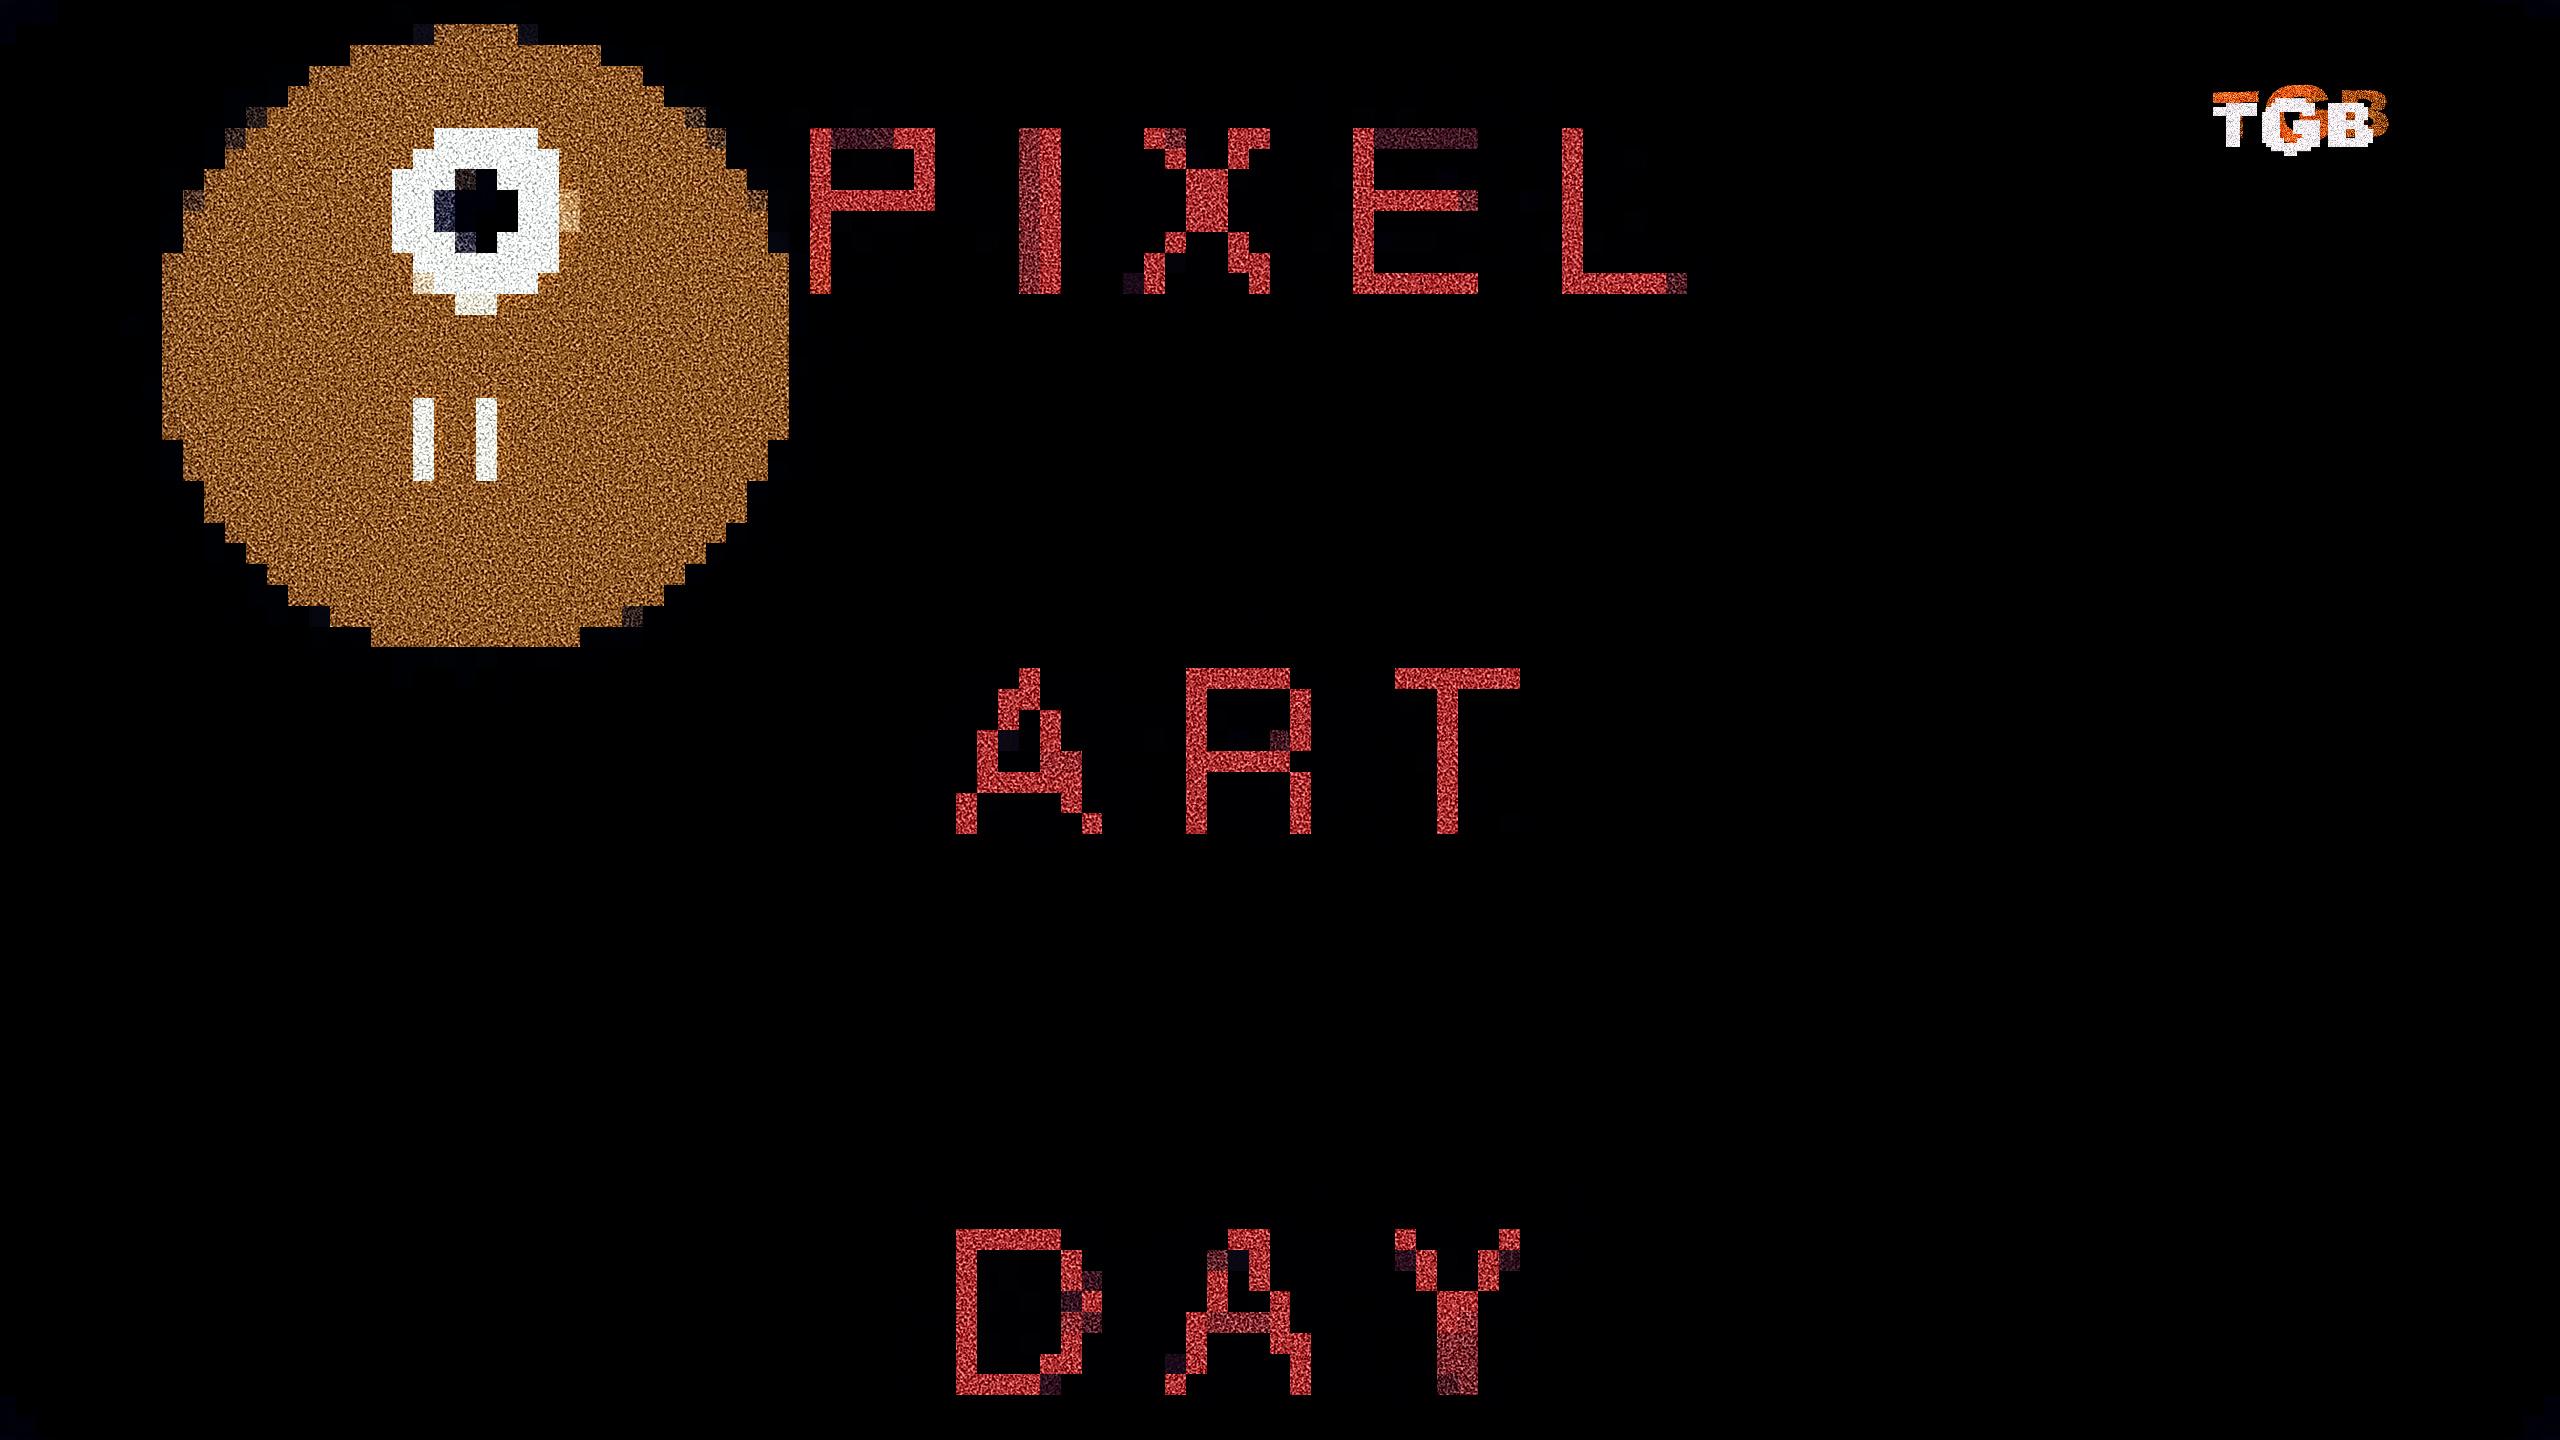 PIXEL ART DAY